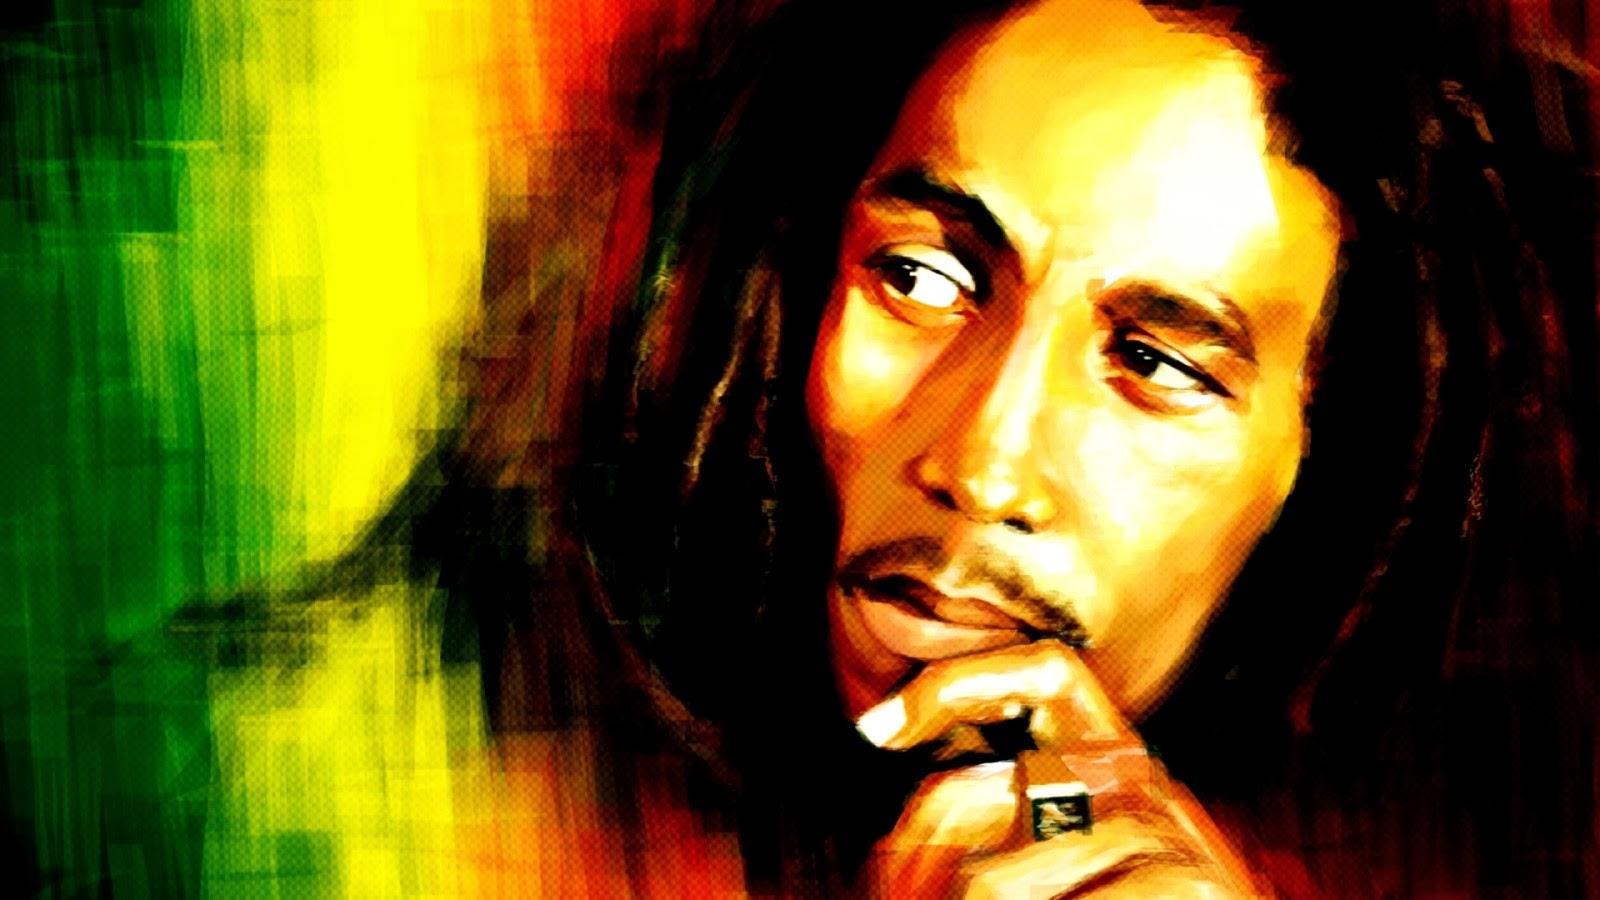 1945 69 years ago the reggae and music legend Bob Marley was born 1600x900